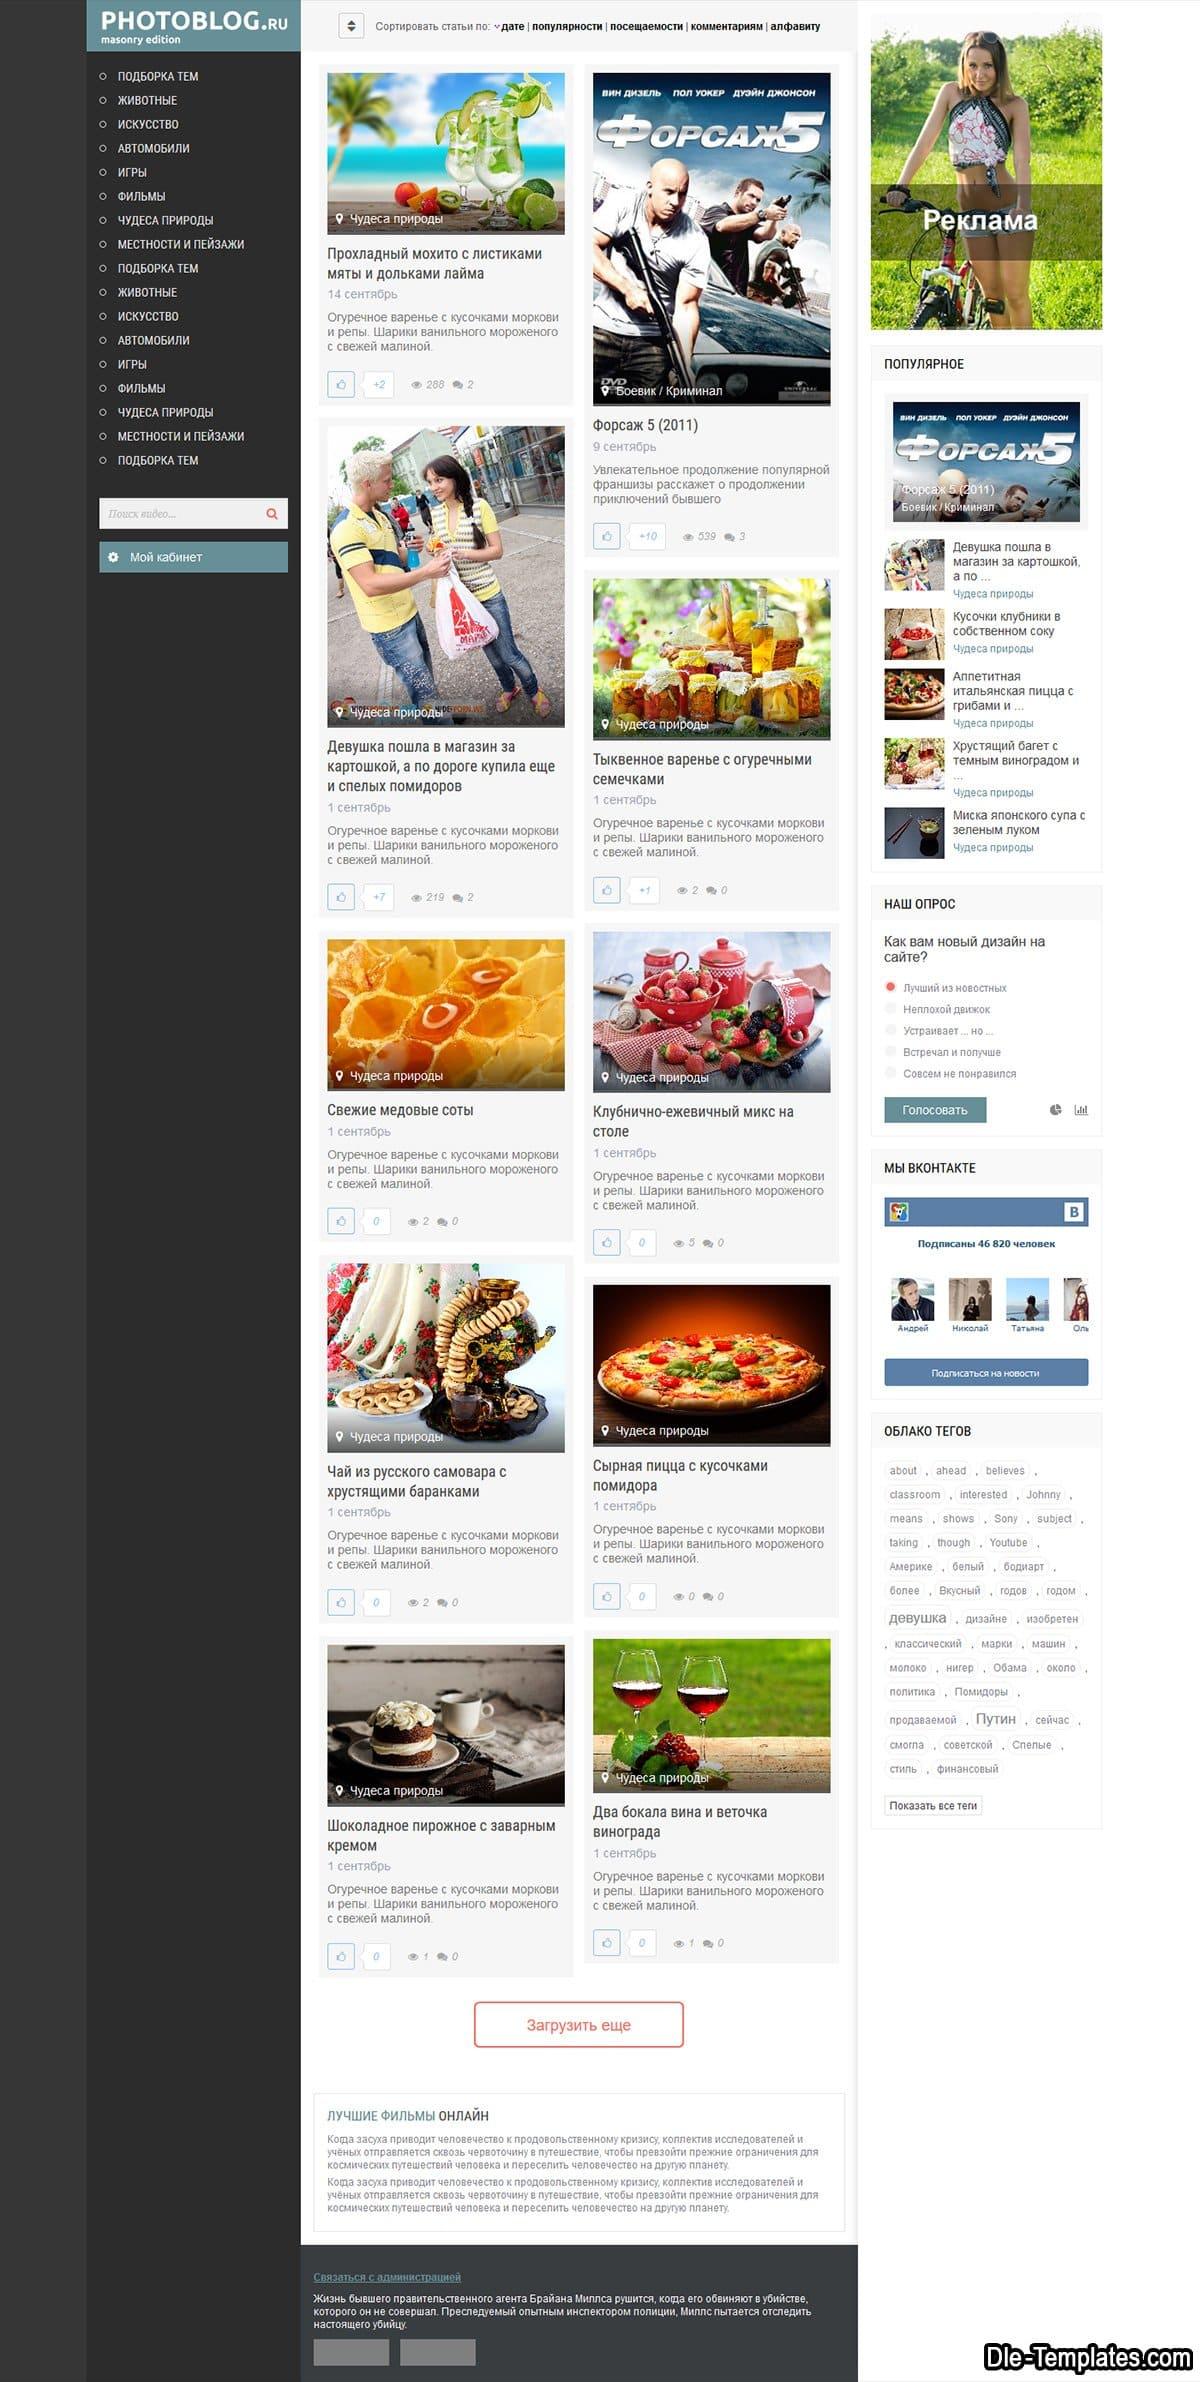 Photo Blog Masonry Edition - универсальный шаблон для DLE